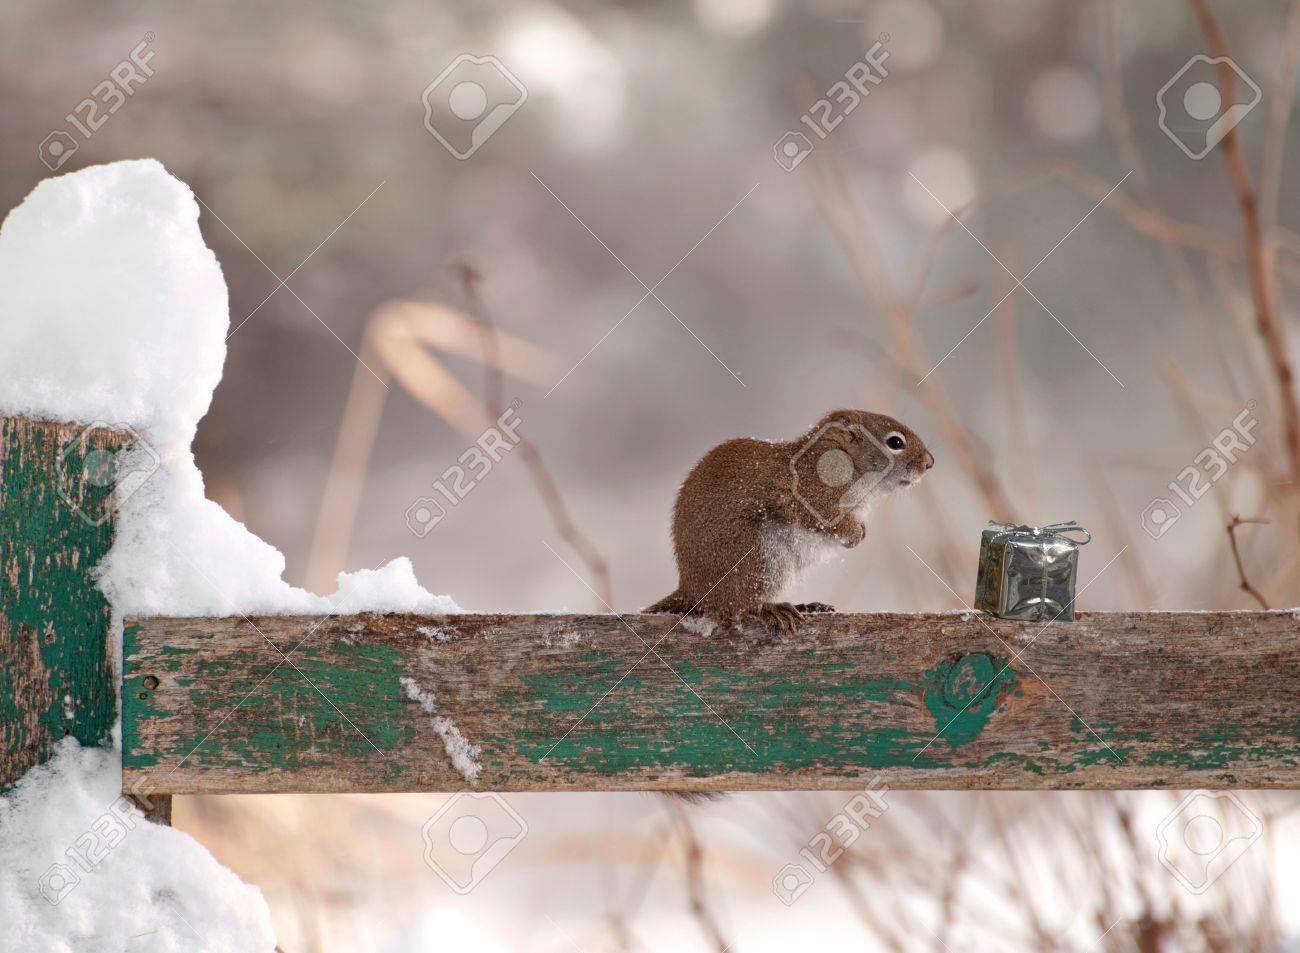 Ein Kleines Eichhörnchen Zittert Im Wind Auf Einem Zaun An Einem ...